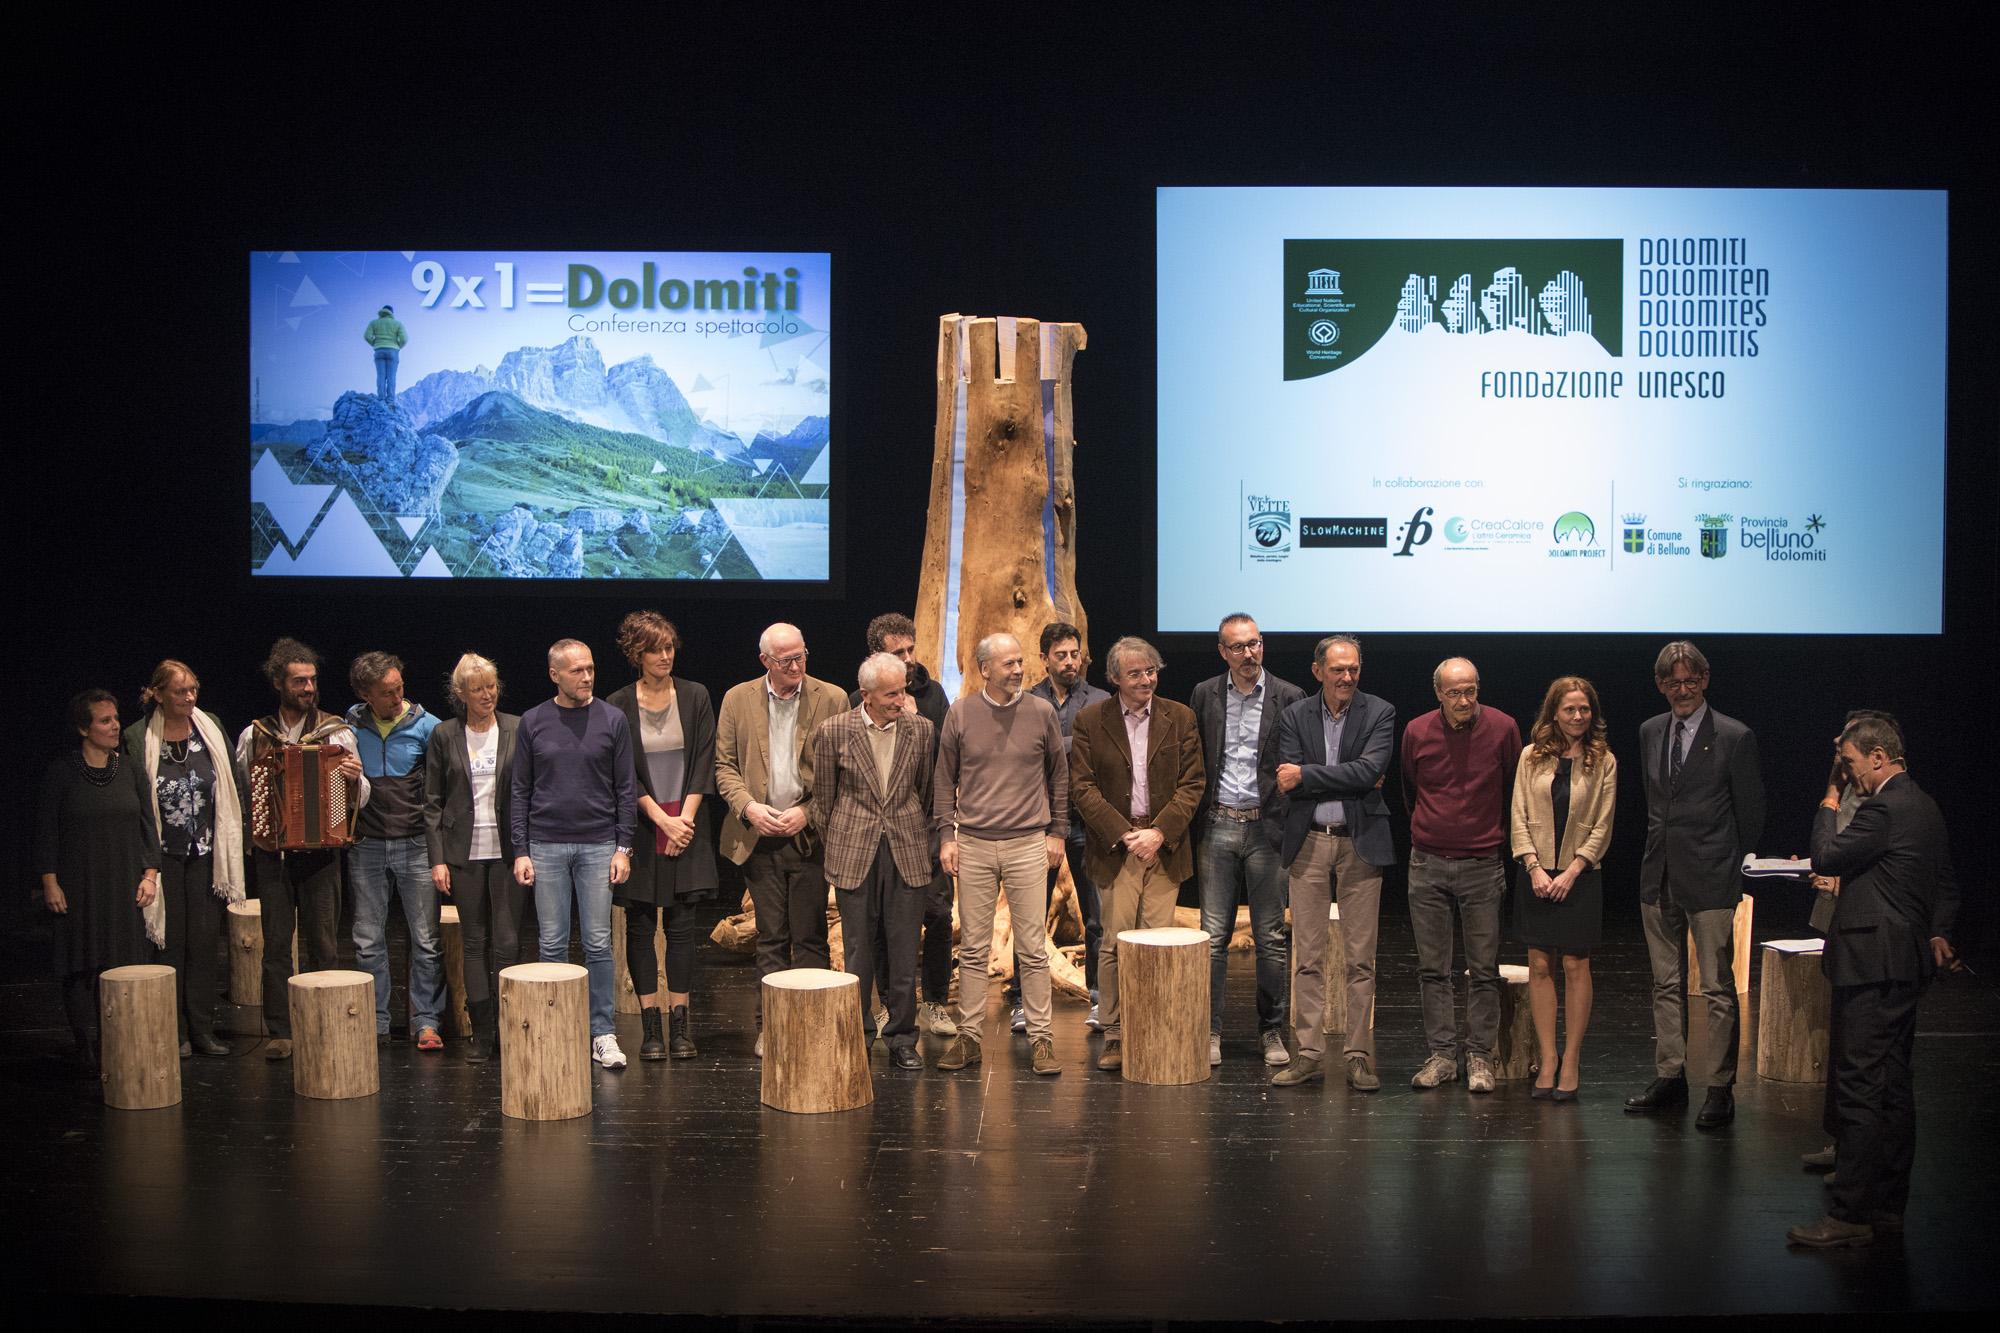 9X1-DOLOMITI-BELLUNO